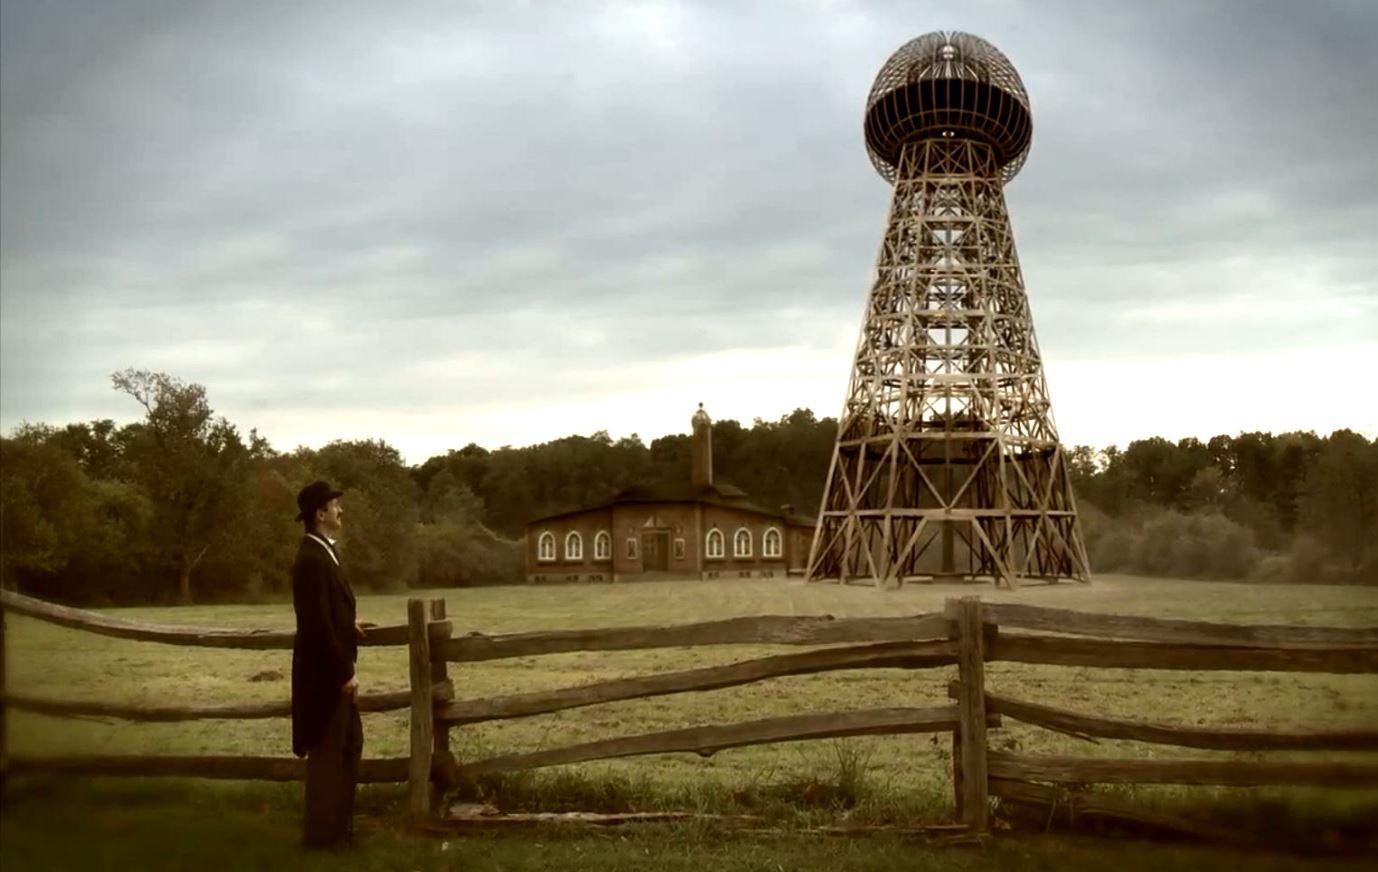 برج تسلا (برج واردنکلیف) — از صفر تا صد